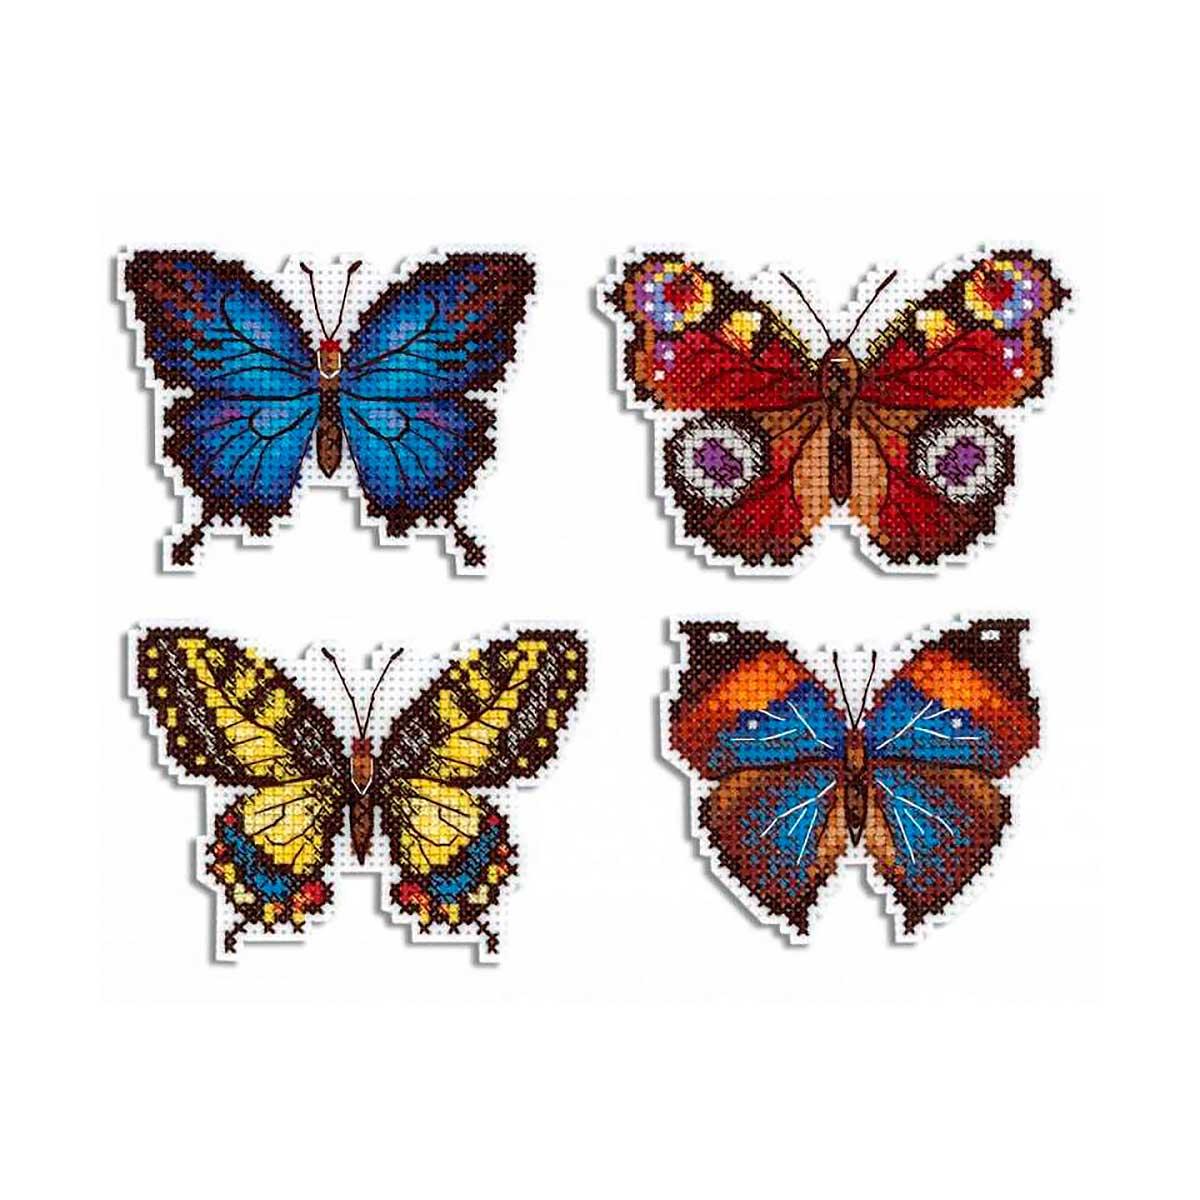 Р-485 Набор для вышивания на пластиковой канве МП Студия 'Яркие бабочки'6*9см